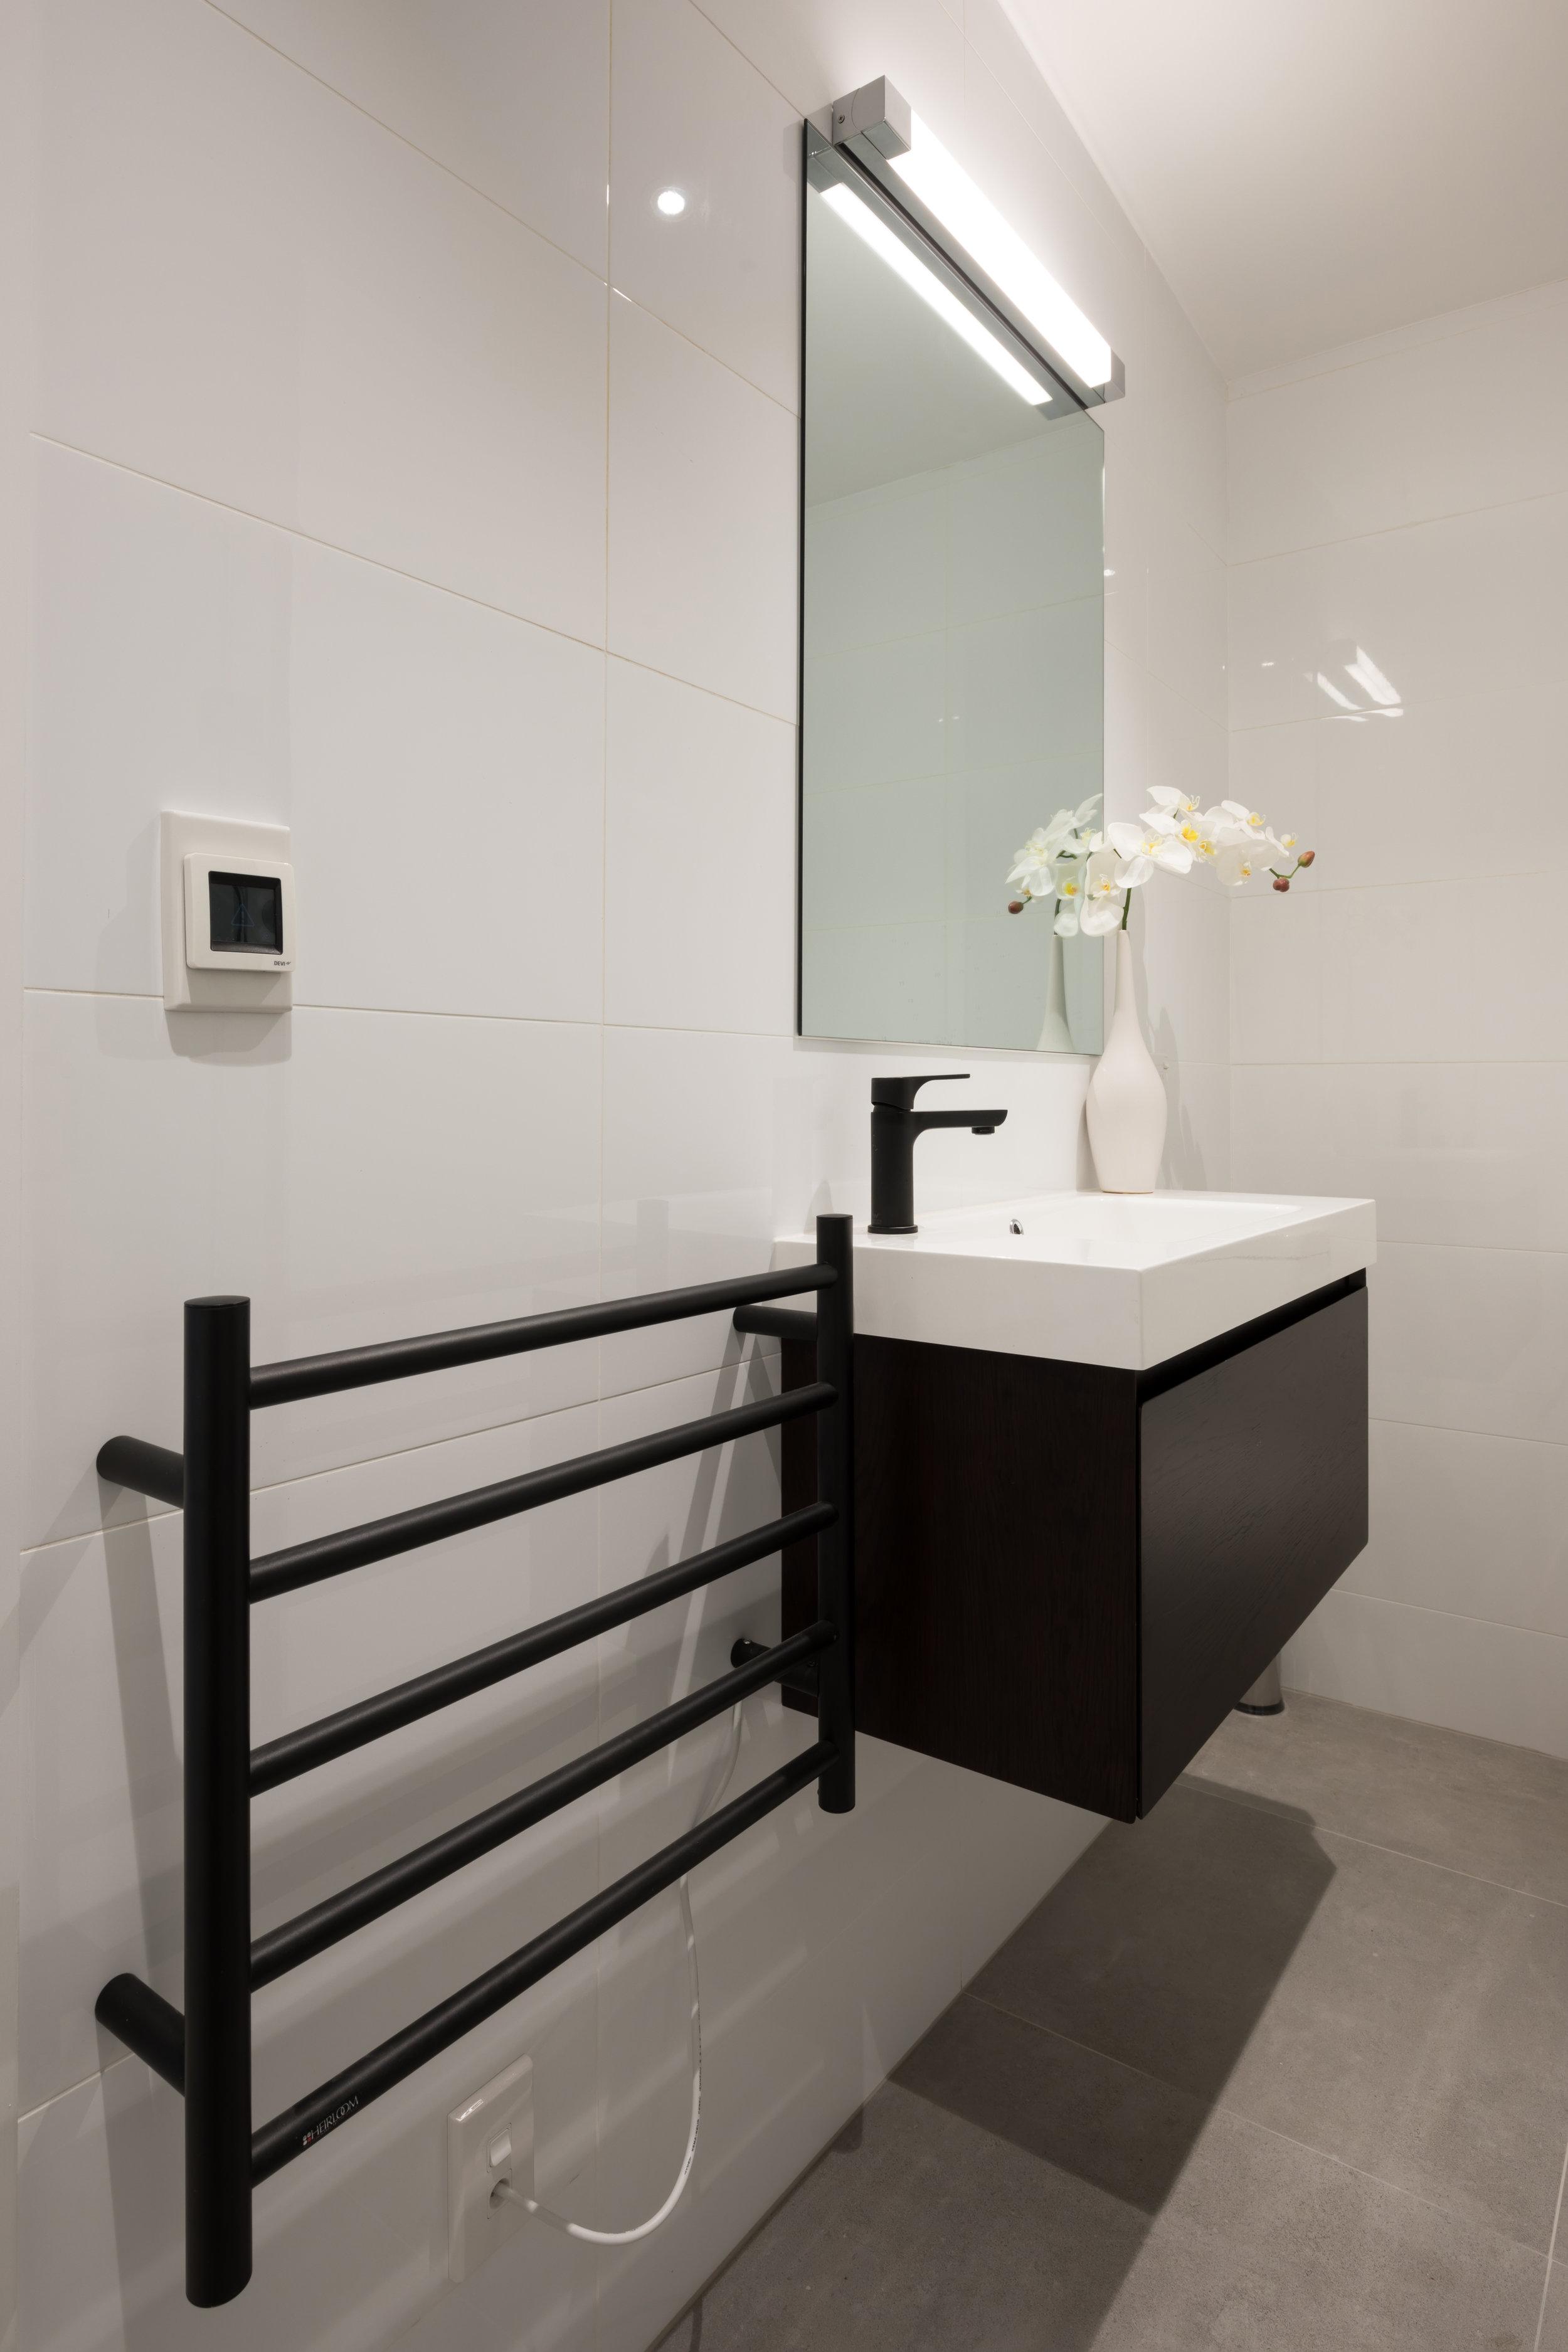 Bathroom Design 94-96 Queen Street